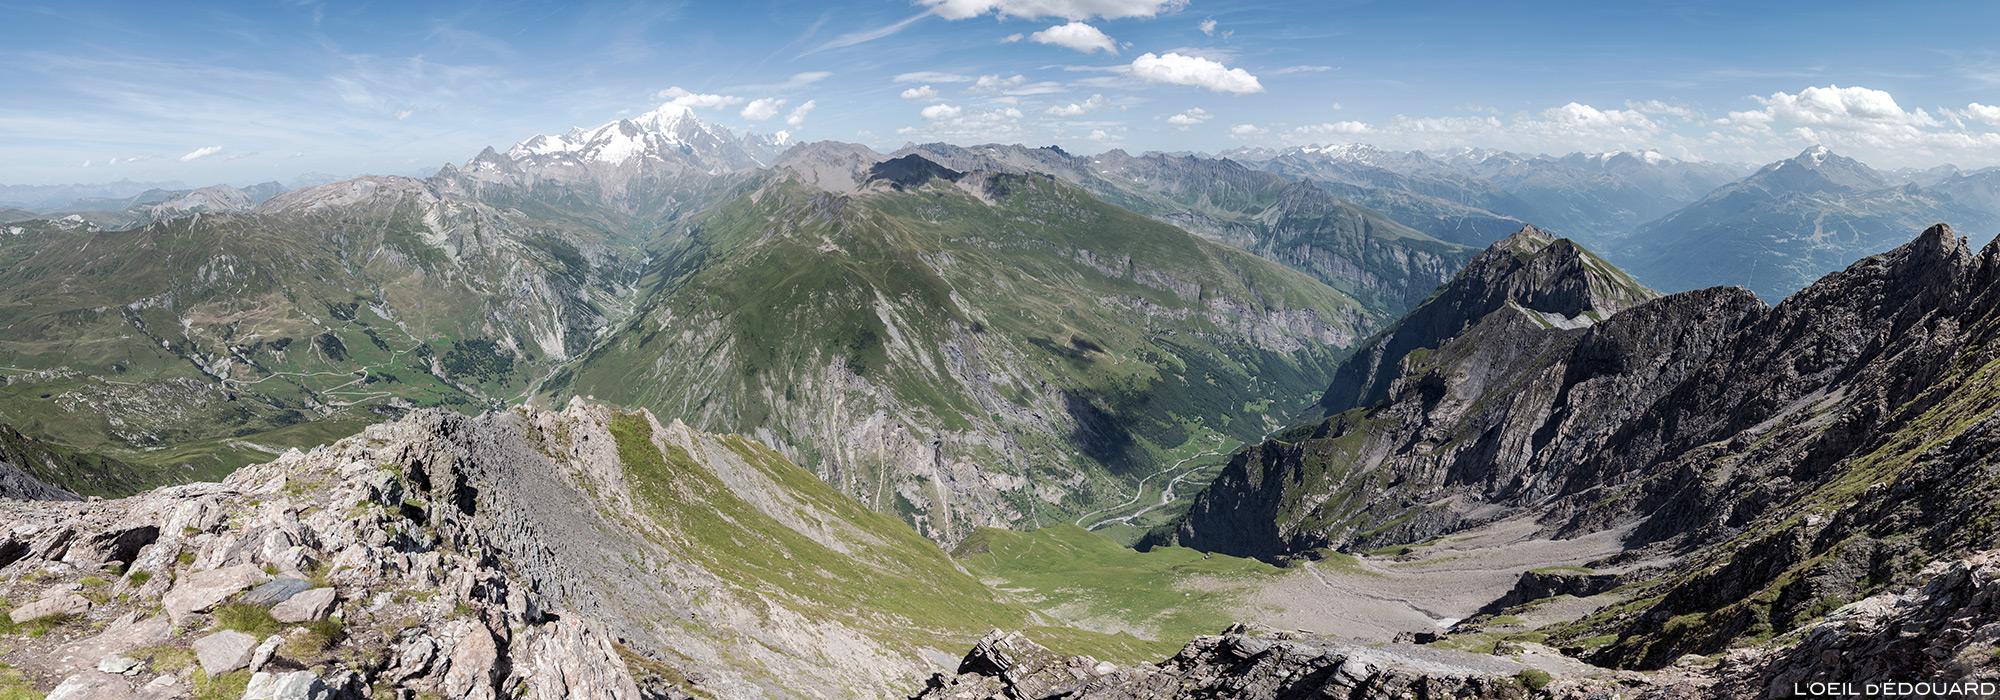 Vue sur le Massif du Mont Blanc depuis le sommet de La Pointe de la Terrasse, Le Beaufortain Savoie Paysage Montagne Alpes